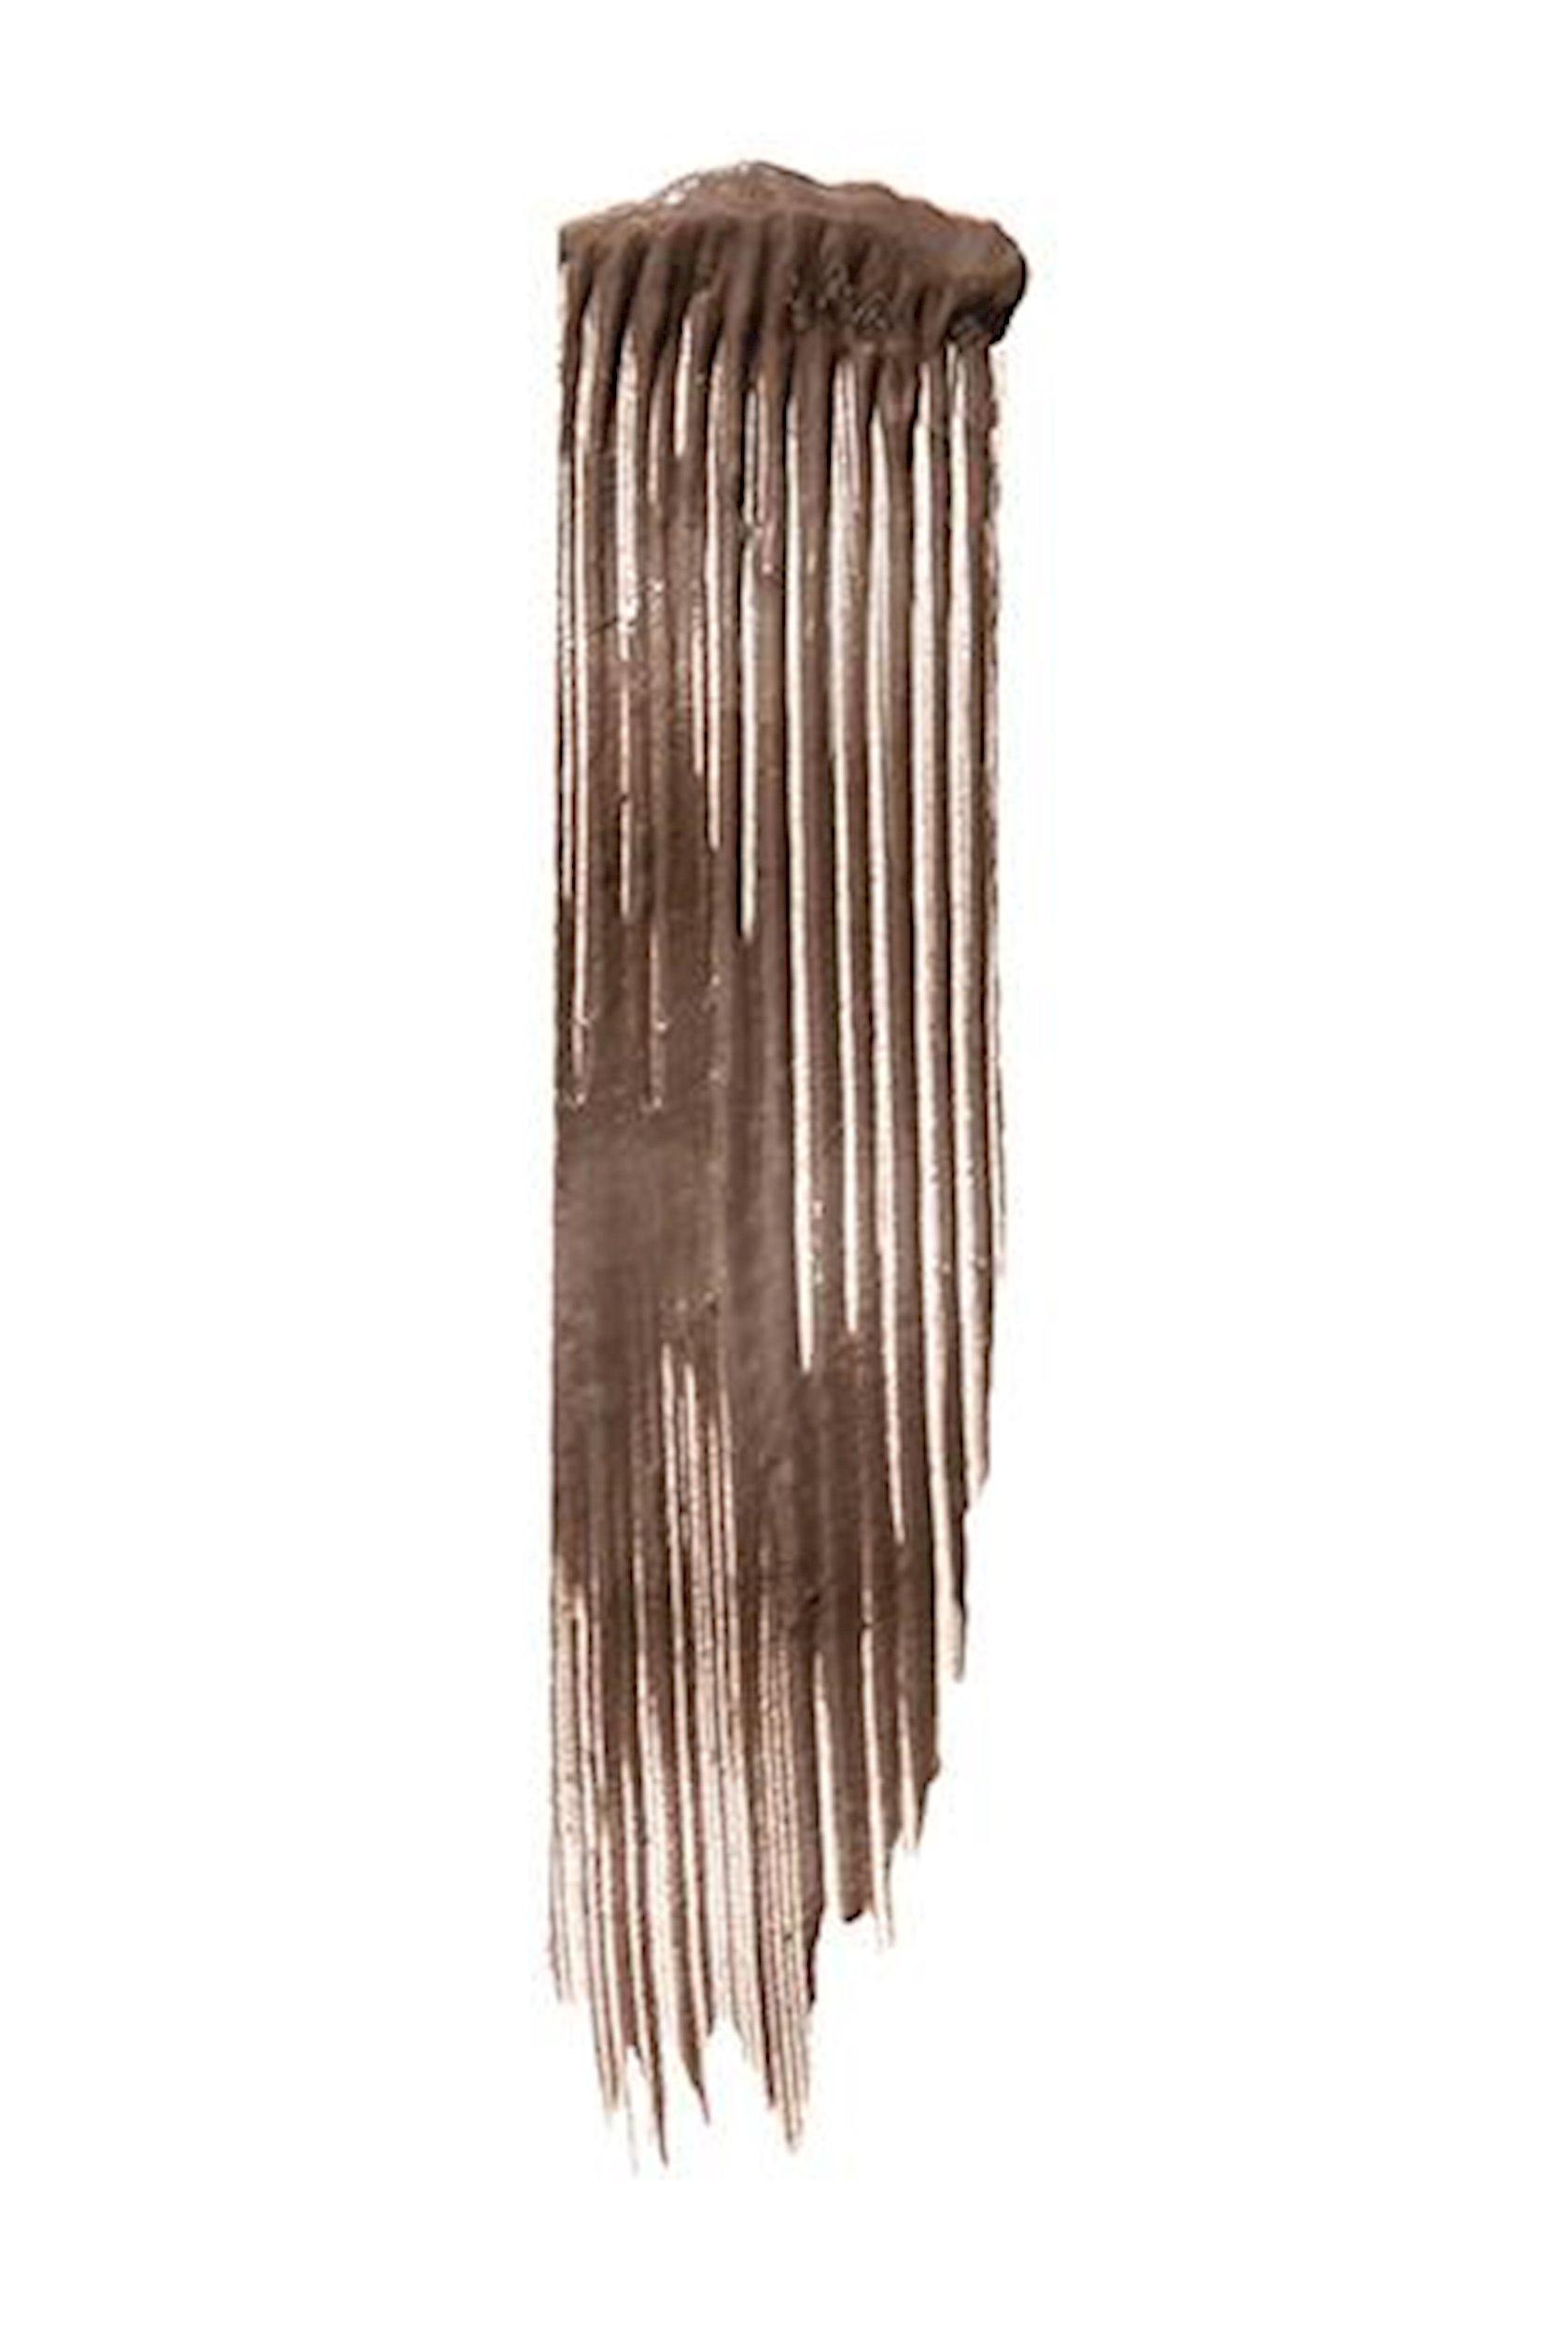 Qaşlar üçün tuş Maybelline New York Brow Fast Sculpt 04 Medium Brown, 2.8 ml